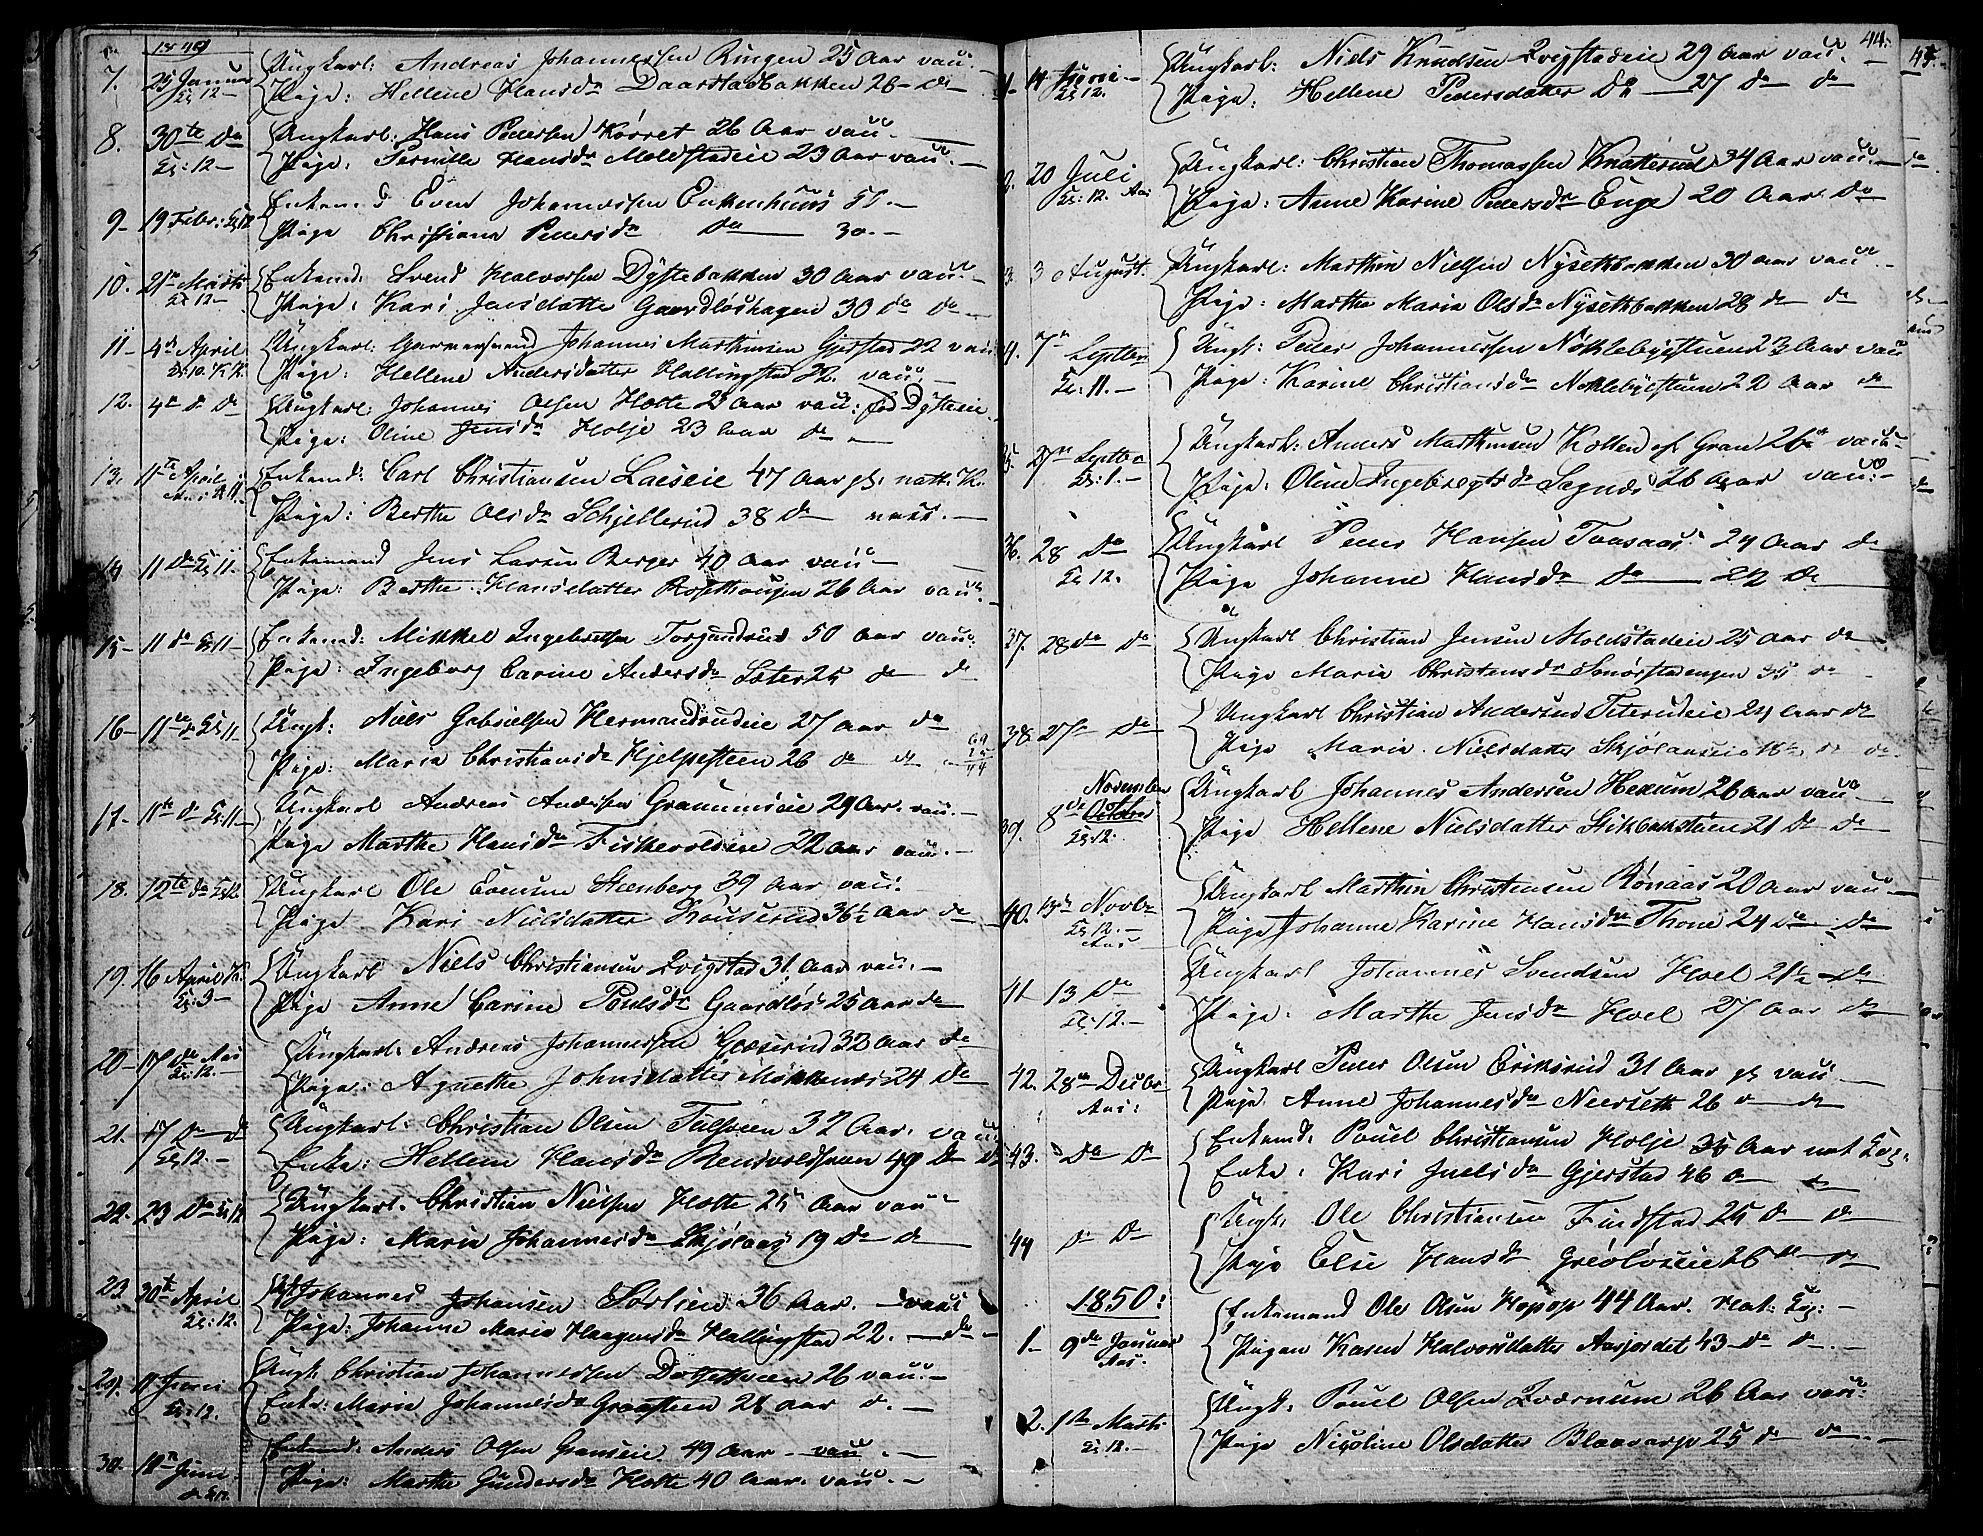 SAH, Vestre Toten prestekontor, H/Ha/Hab/L0003: Klokkerbok nr. 3, 1846-1854, s. 44